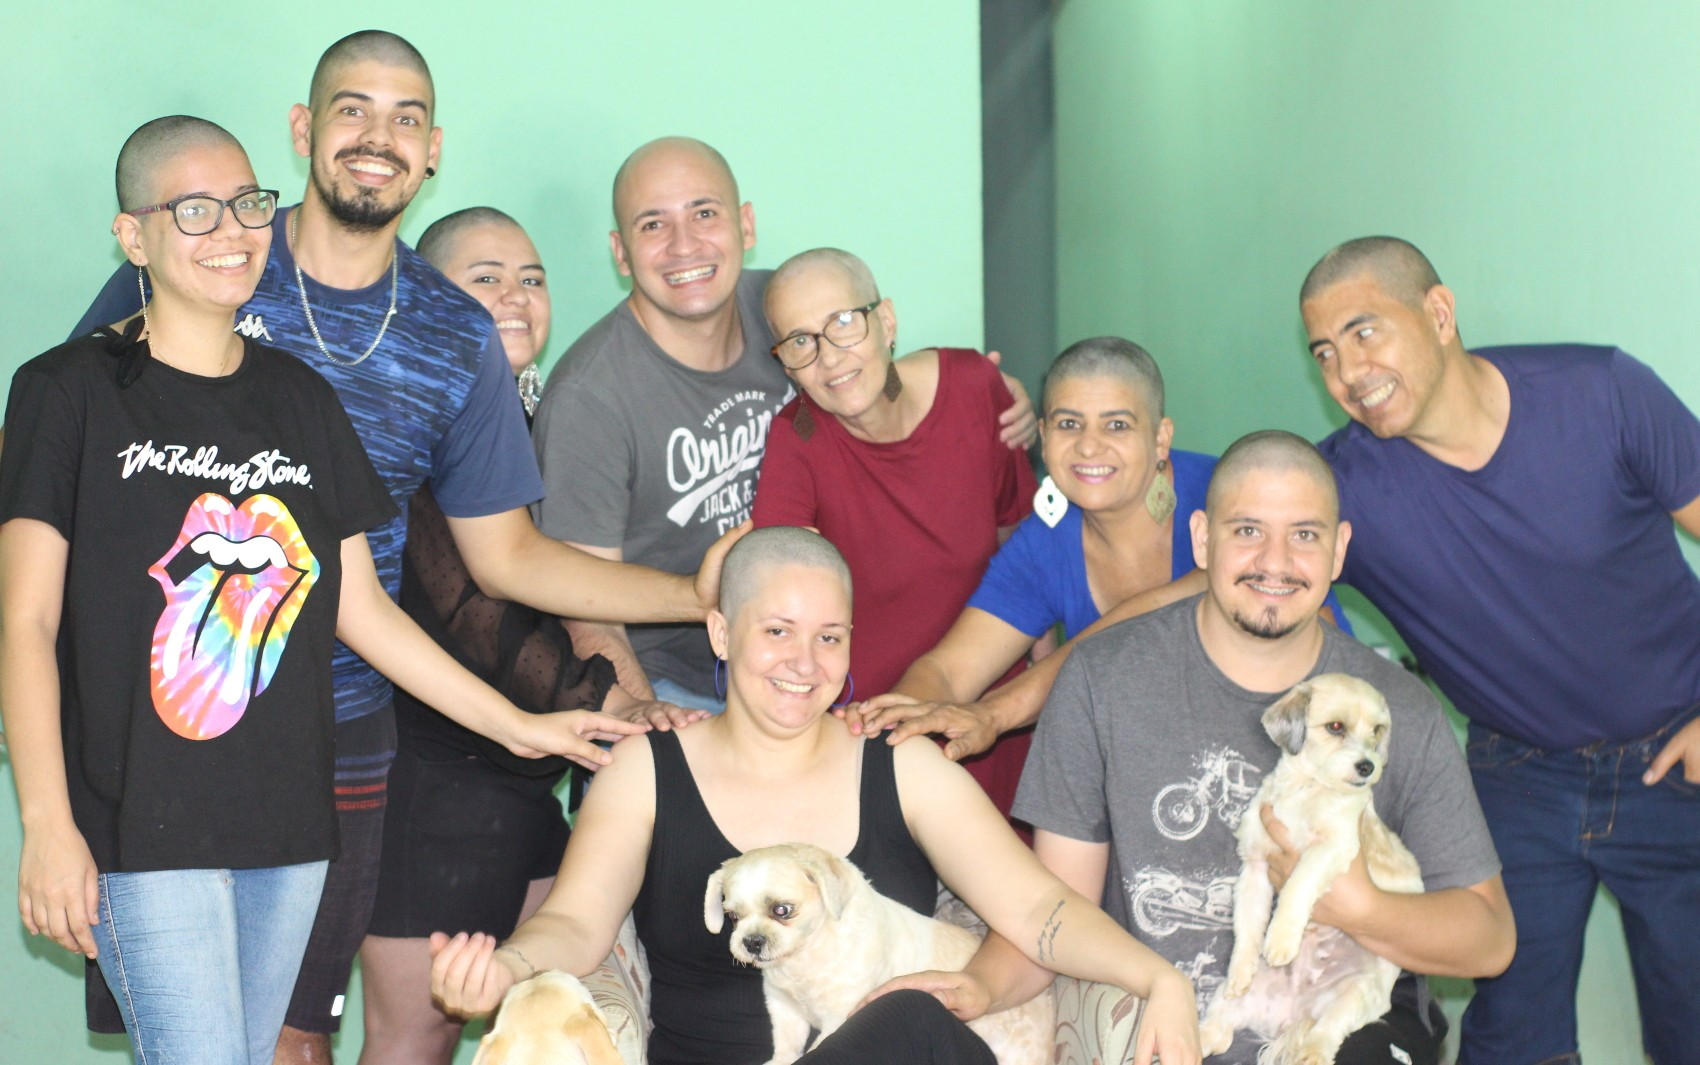 Família raspa o cabelo para apoiar mulher diagnosticada com câncer: 'Surpresa muito linda'